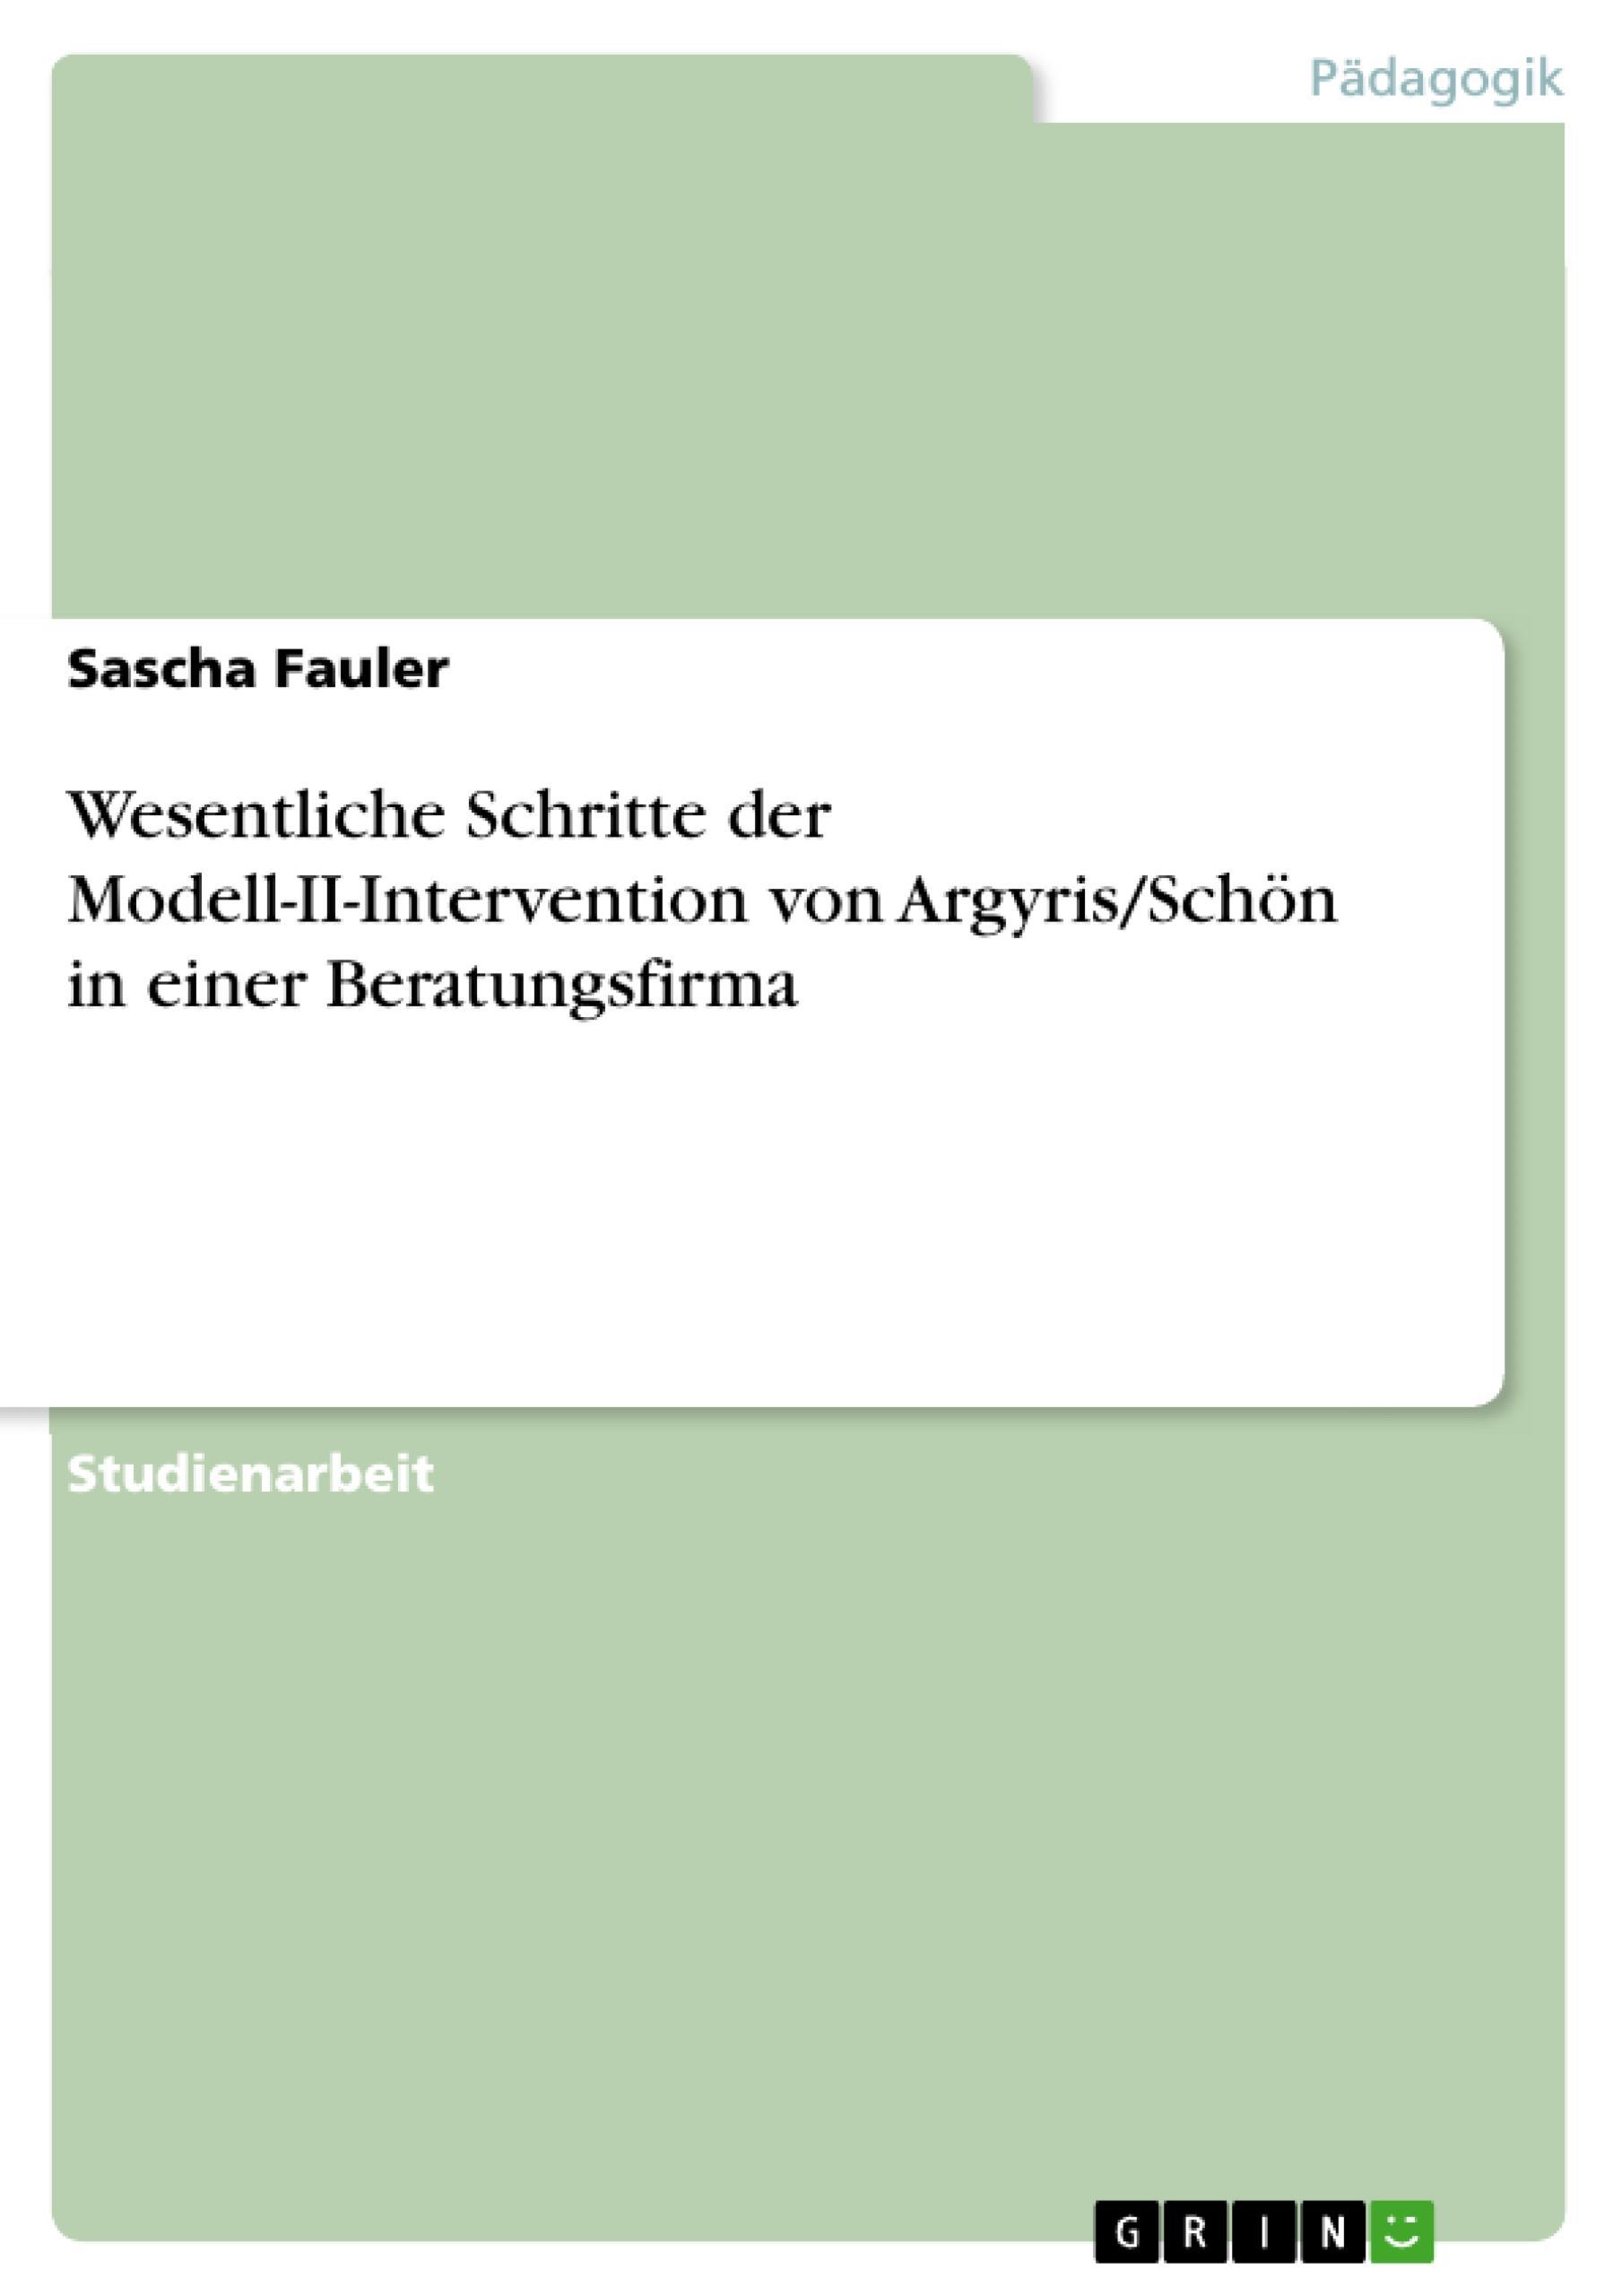 Wesentliche Schritte der Modell-II-Intervention von Argyris/Schön in einer Beratungsfirma  Sascha Fauler  Taschenbuch  Paperback  Deutsch  2010 - Fauler, Sascha